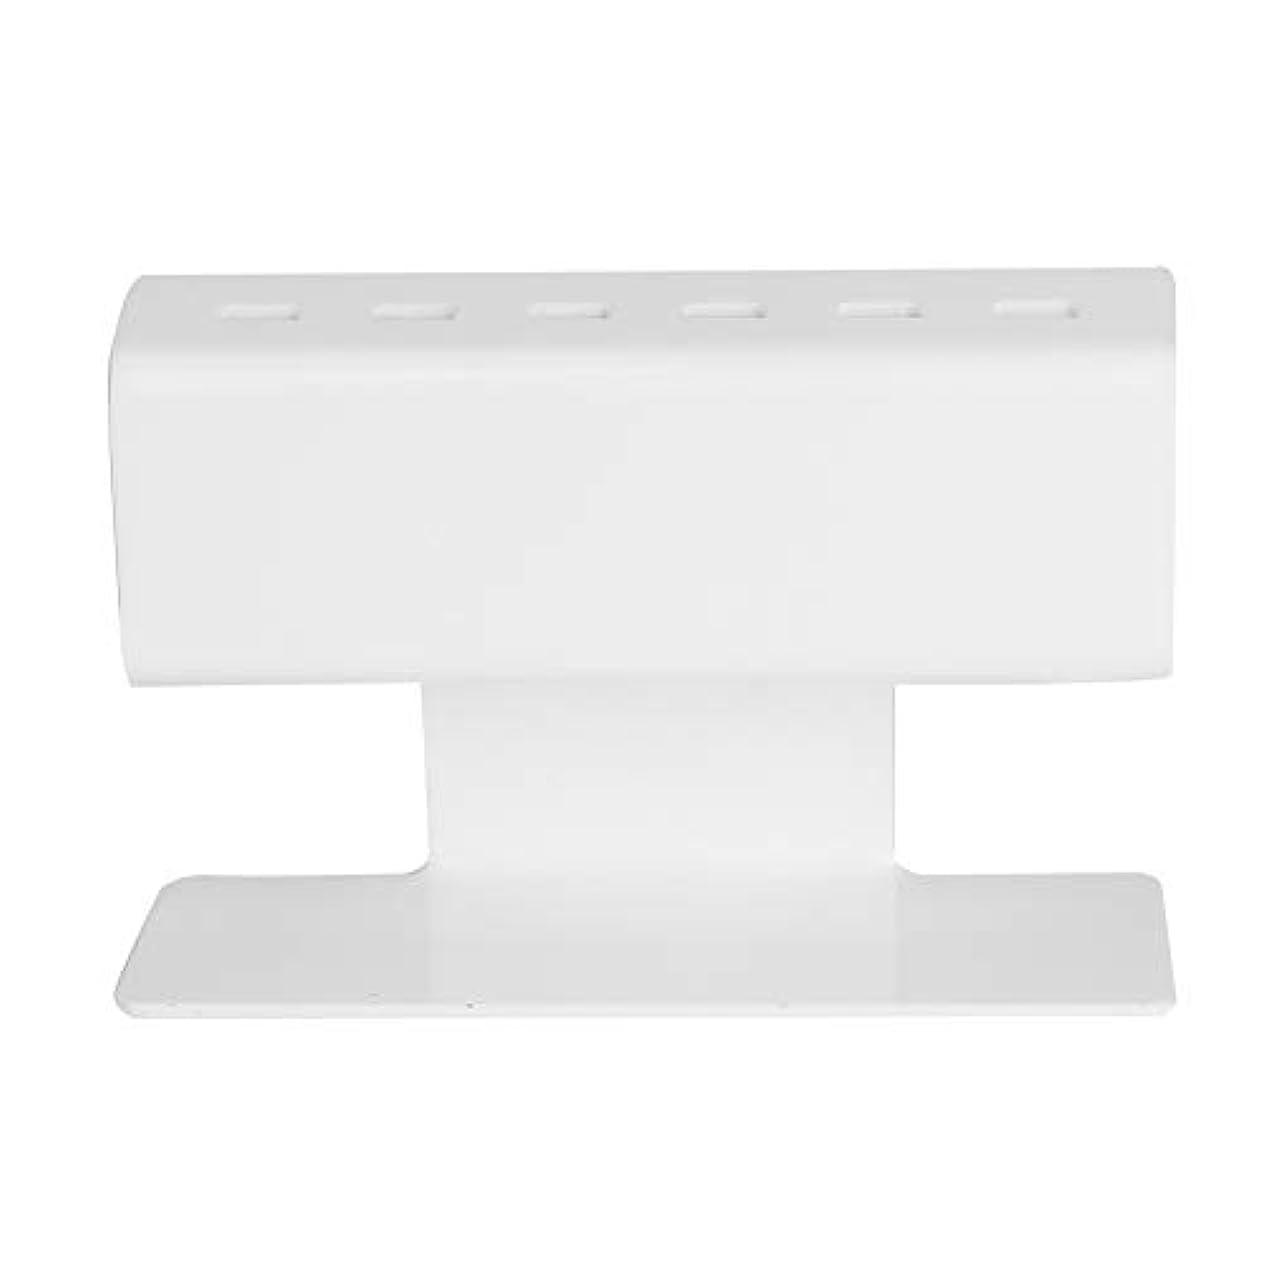 若者とクランシーピンセットシェルフホルダー、まつげ延長プラスチック6個セットピンセットスタンドの位置(白い)